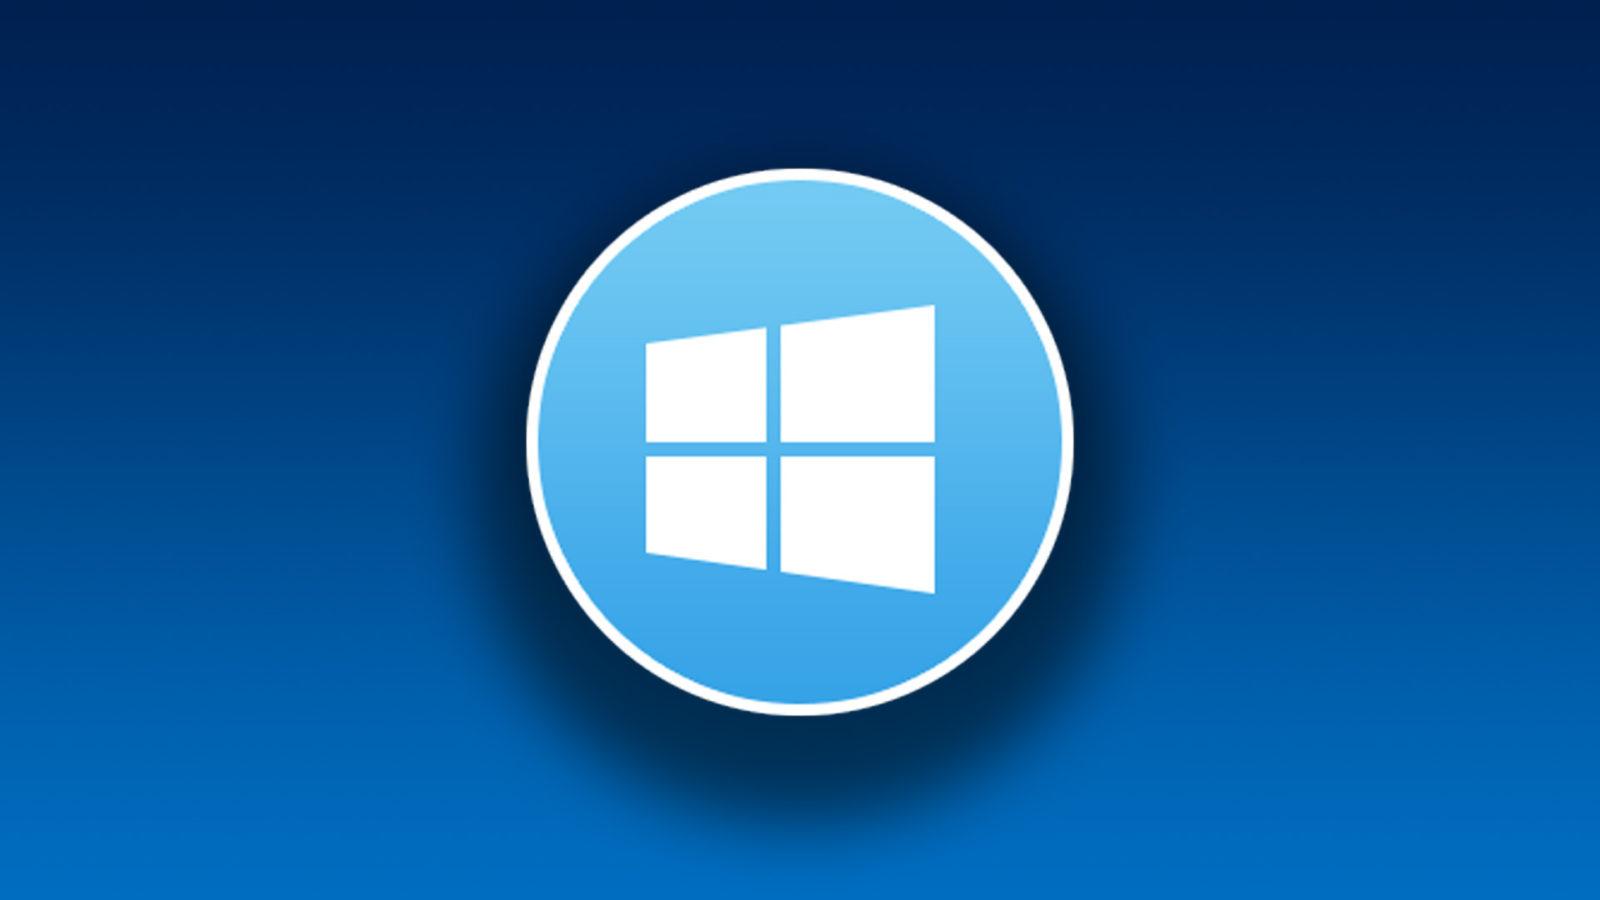 Windows 10 -in arrivo il Game Mode, annunciato da Microsoft